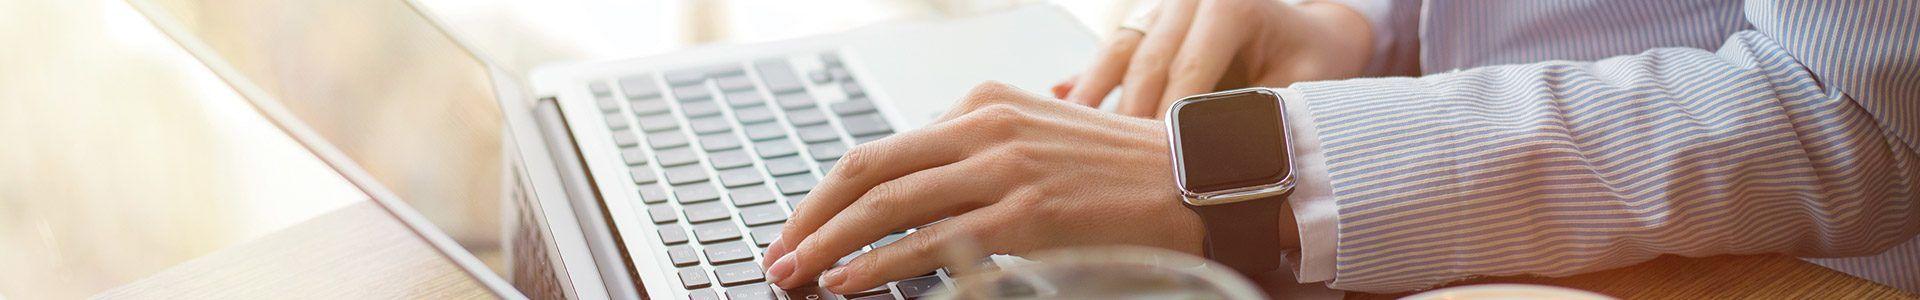 starten met bloggen is niet altijd de juiste keuze